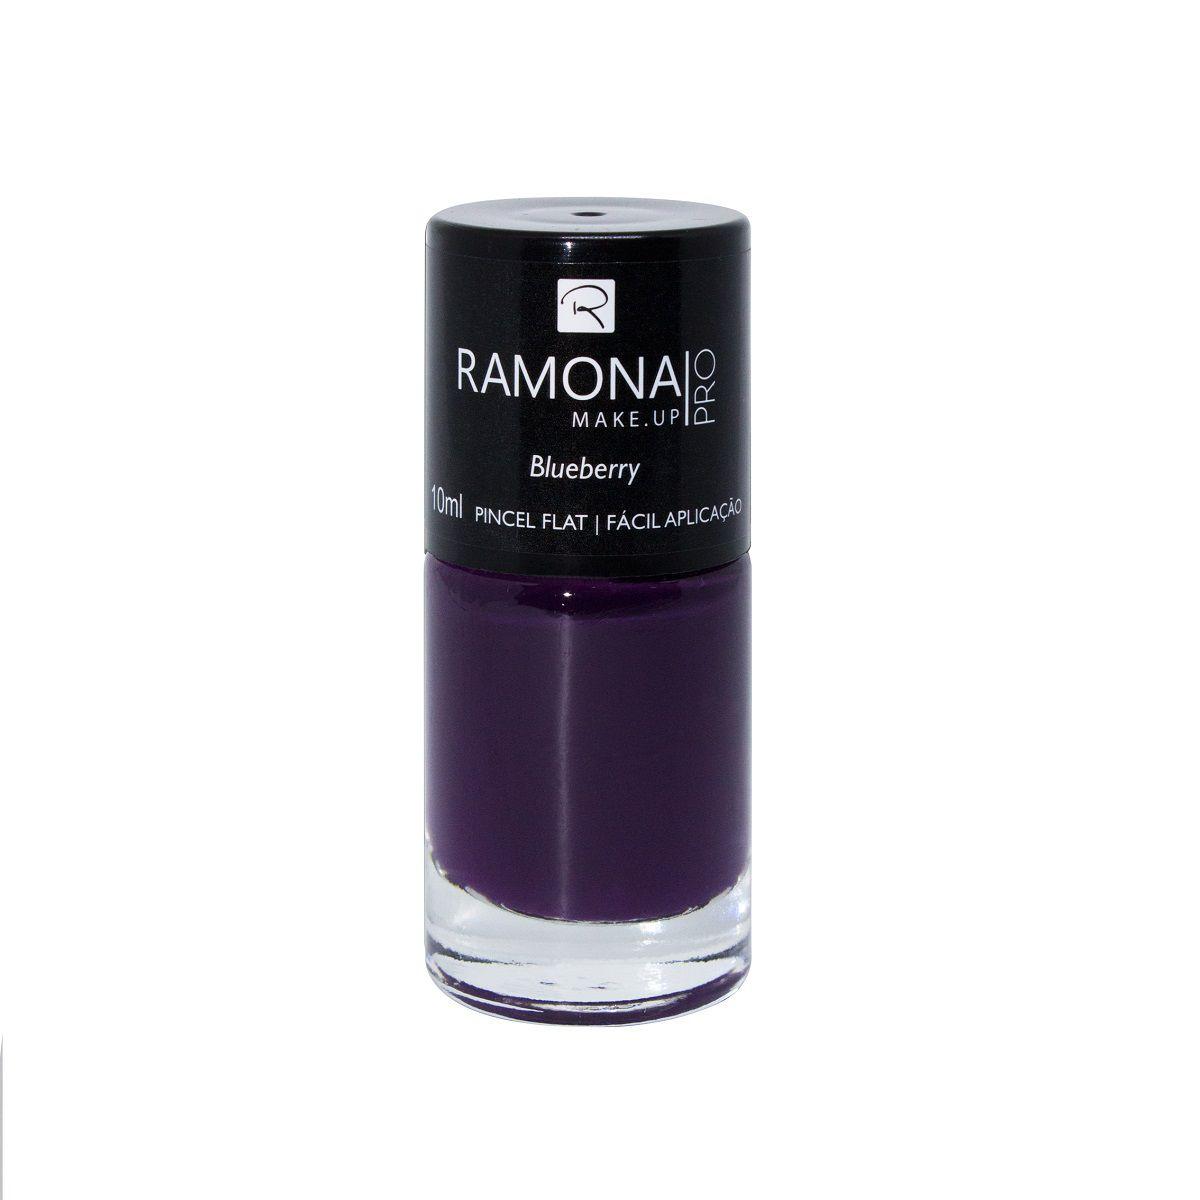 Esmalte cremoso Ramona Cosméticos Blueberry 10ml